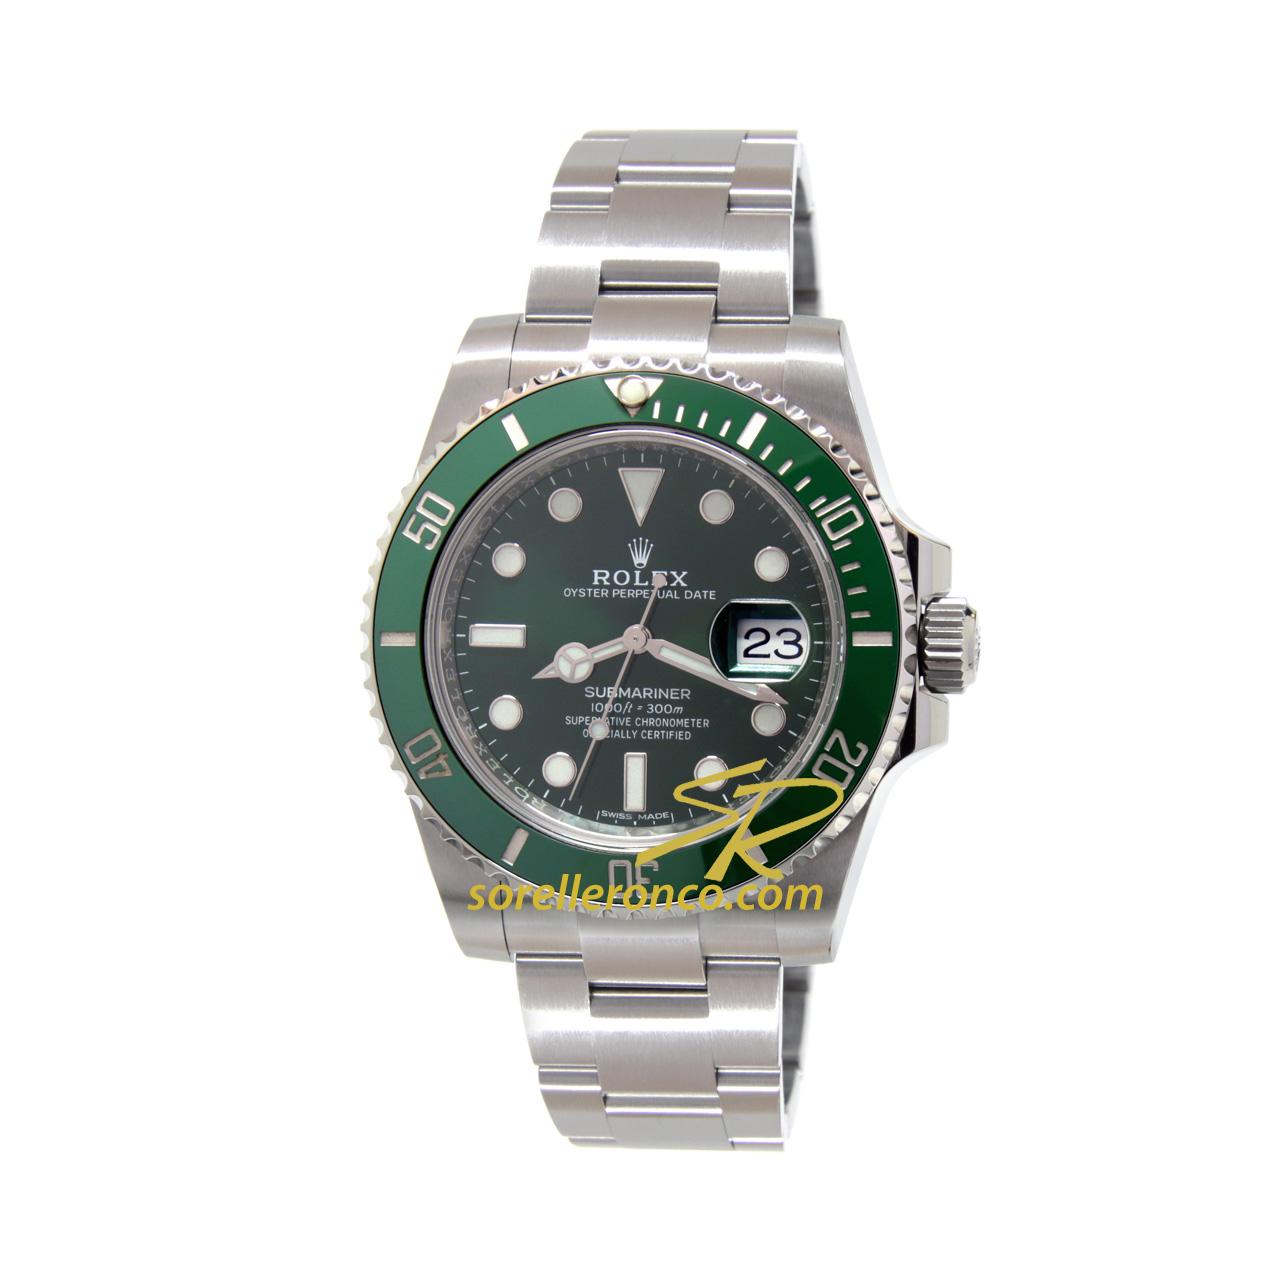 Submariner Date Ghiera Ceramica Verde 40mm